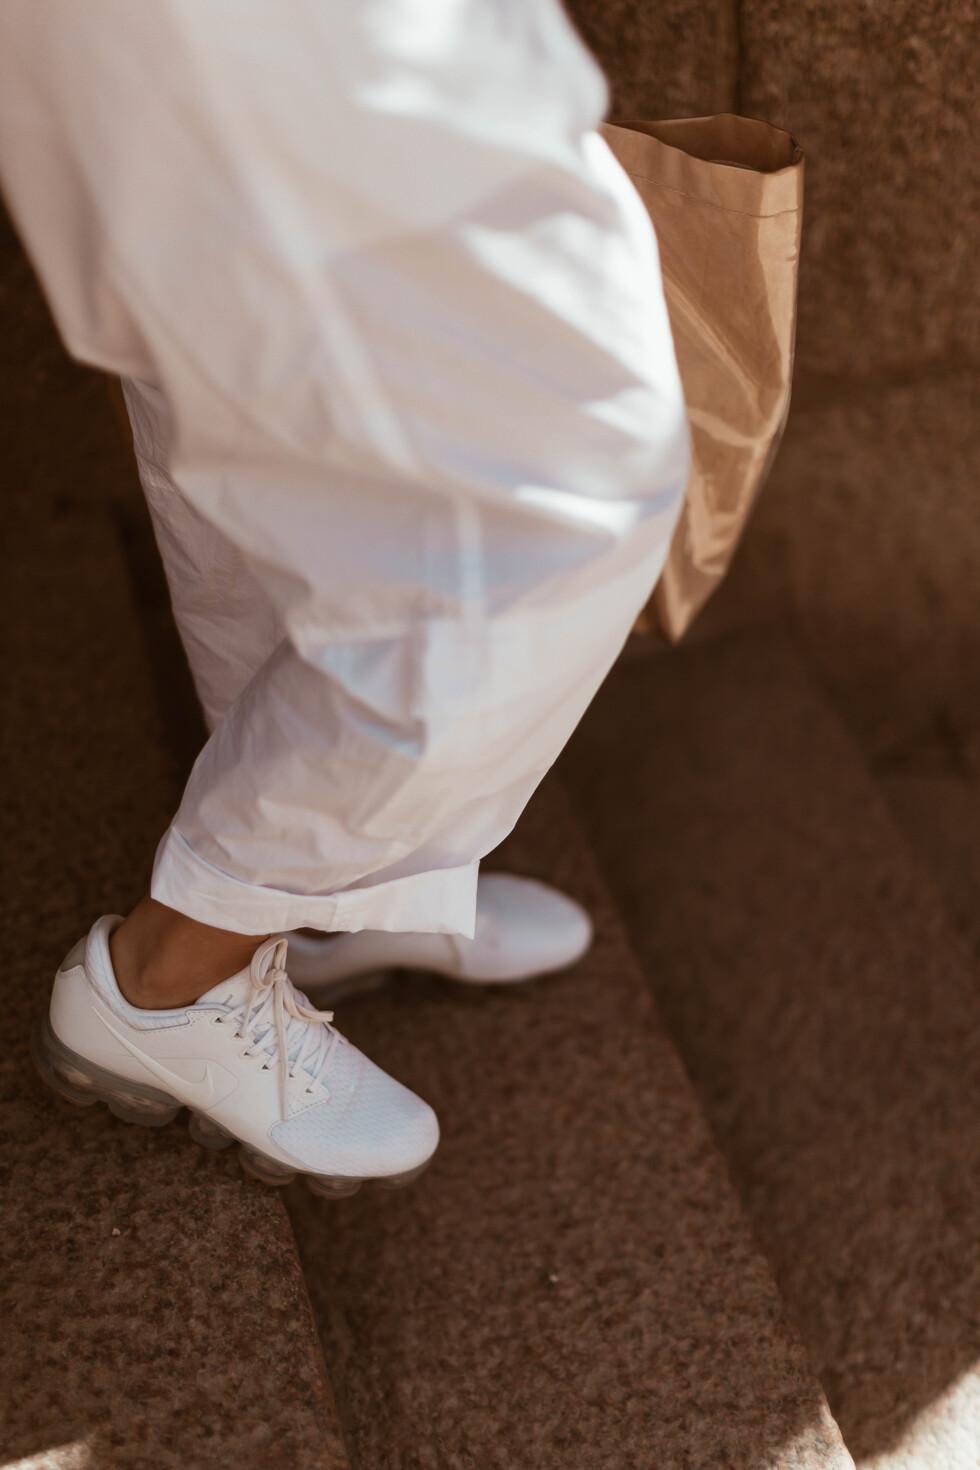 sara-che-bitte-kai-rand-pilot-jumpsuit-white-nike-vapormax-commes-des-garcon-paper-plastic-bag